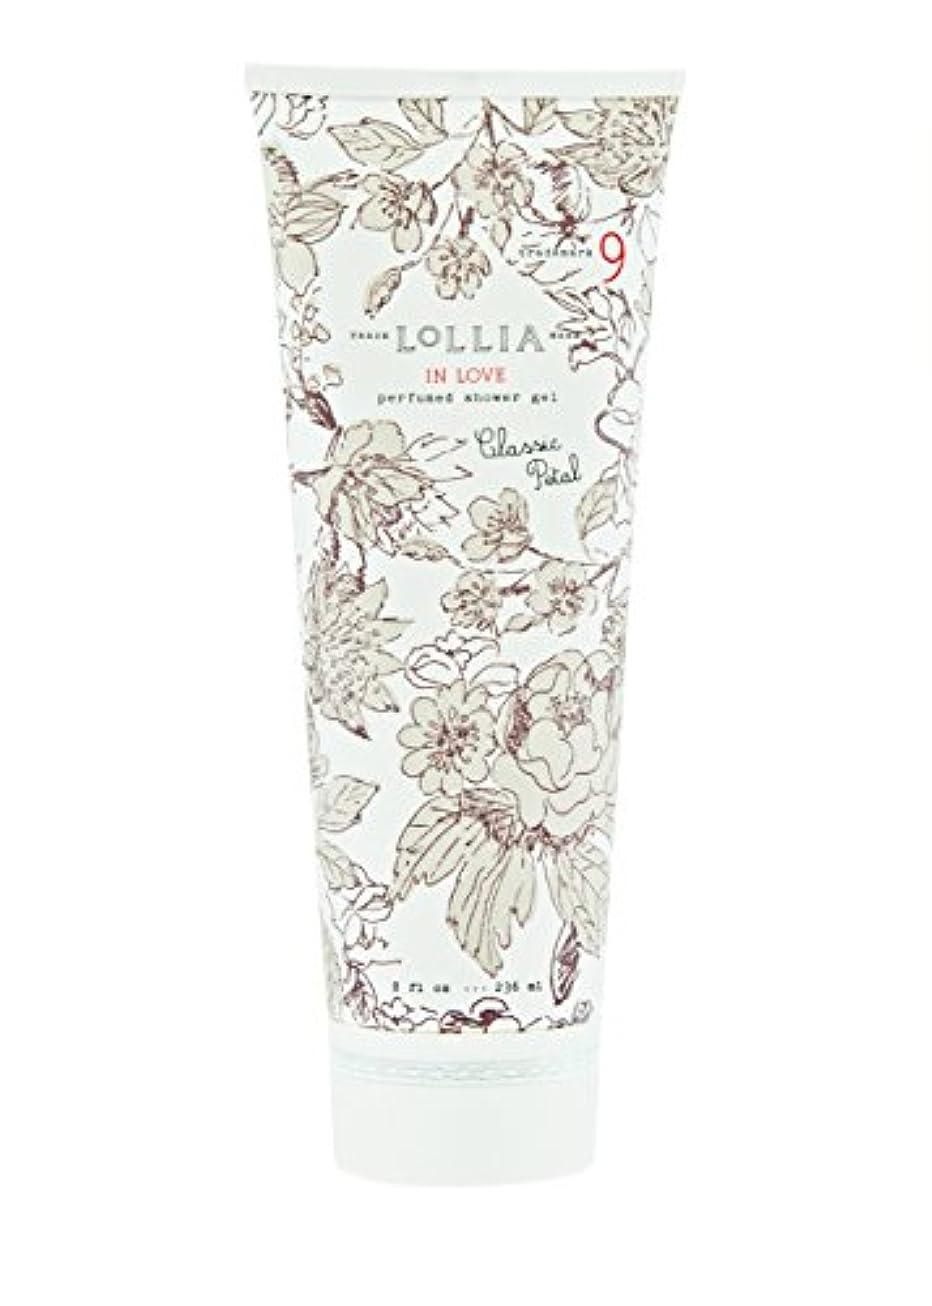 気質もっと削除するロリア(LoLLIA) パフュームドシャワージェル InLove 236ml(全身用洗浄料 ボディーソープ アップルブロッサム、ジャスミン、ローズのフルーティで爽やかな香り)